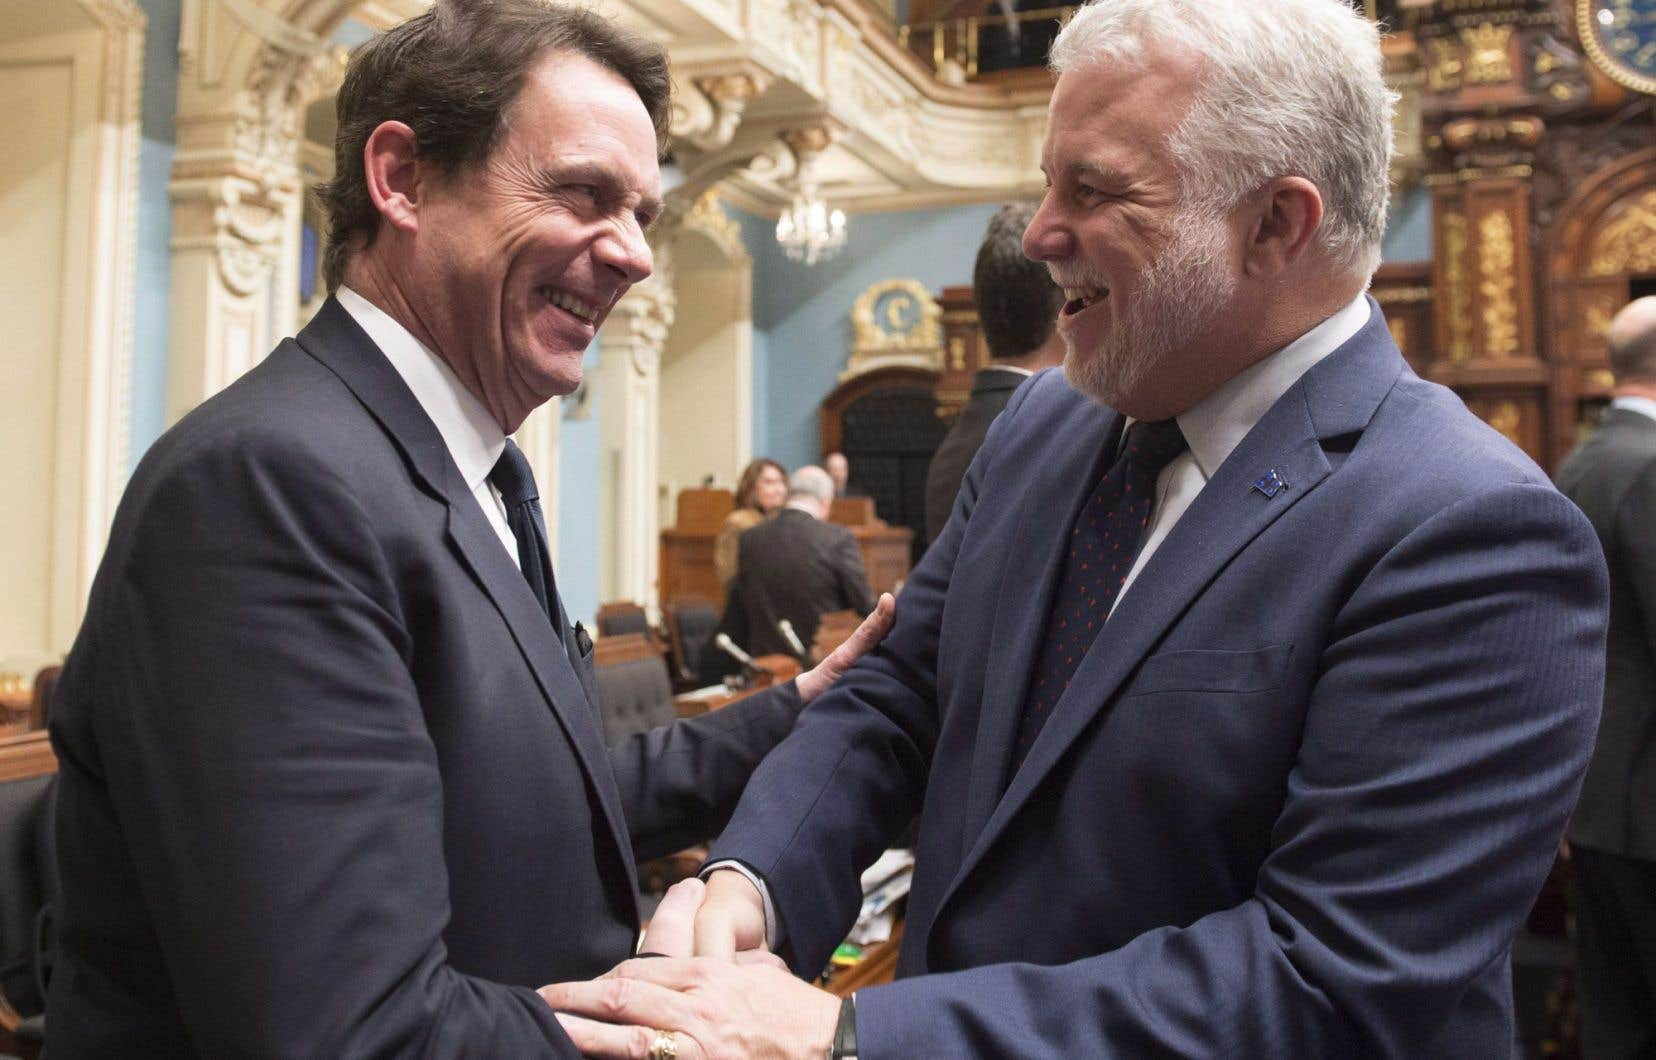 Au Québec, c'est «l'austérité partout […] sauf pour les collègues médecins du premier ministre et de son ministre de la Santé», a dénoncé le chef péquiste, Pierre Karl Péladeau.